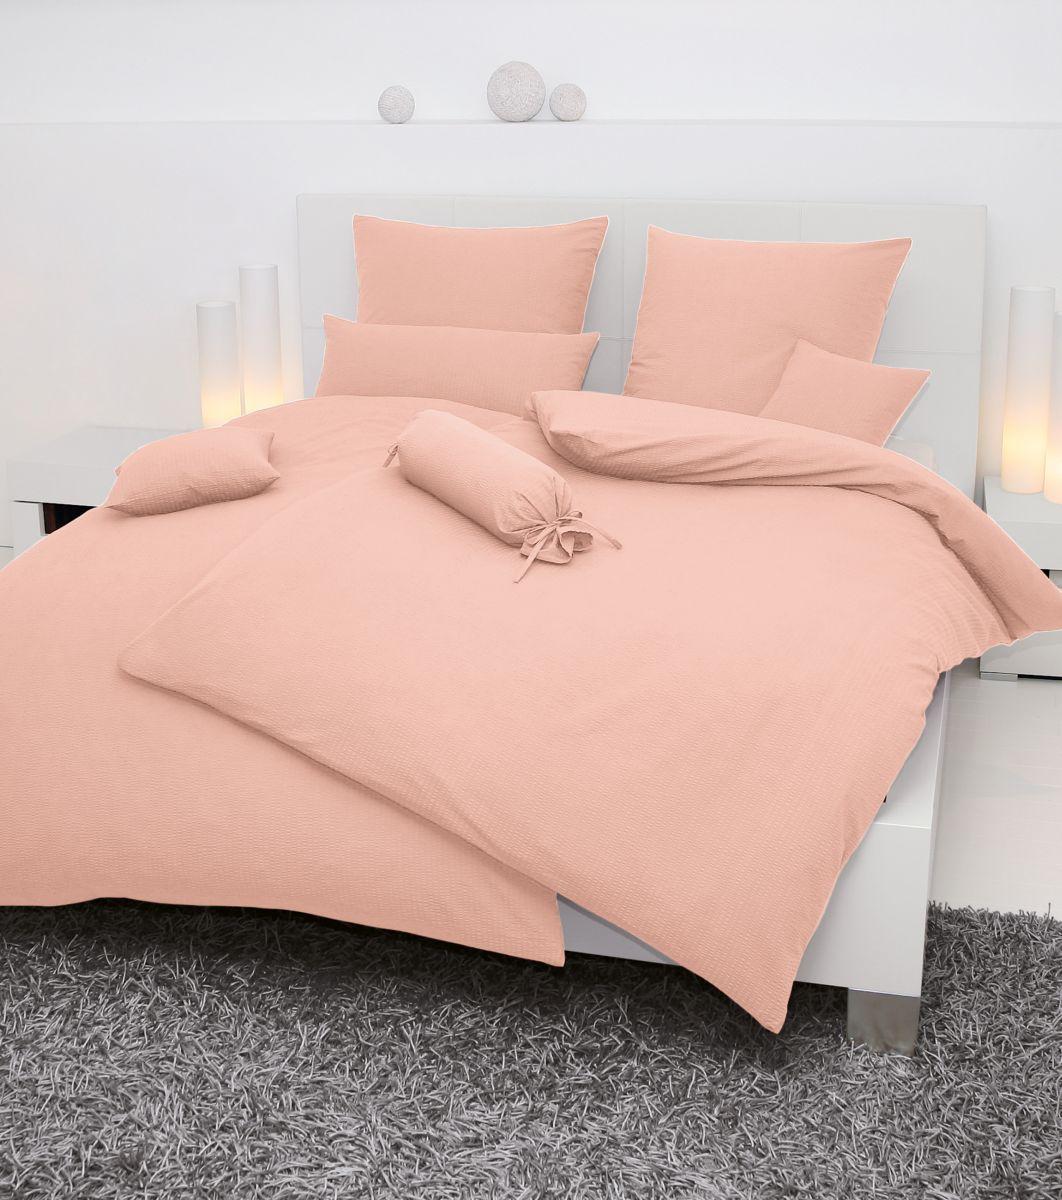 hochwertige tapeten und stoffe mako soft seersucker bettw sche piano 0125 34 decowunder. Black Bedroom Furniture Sets. Home Design Ideas